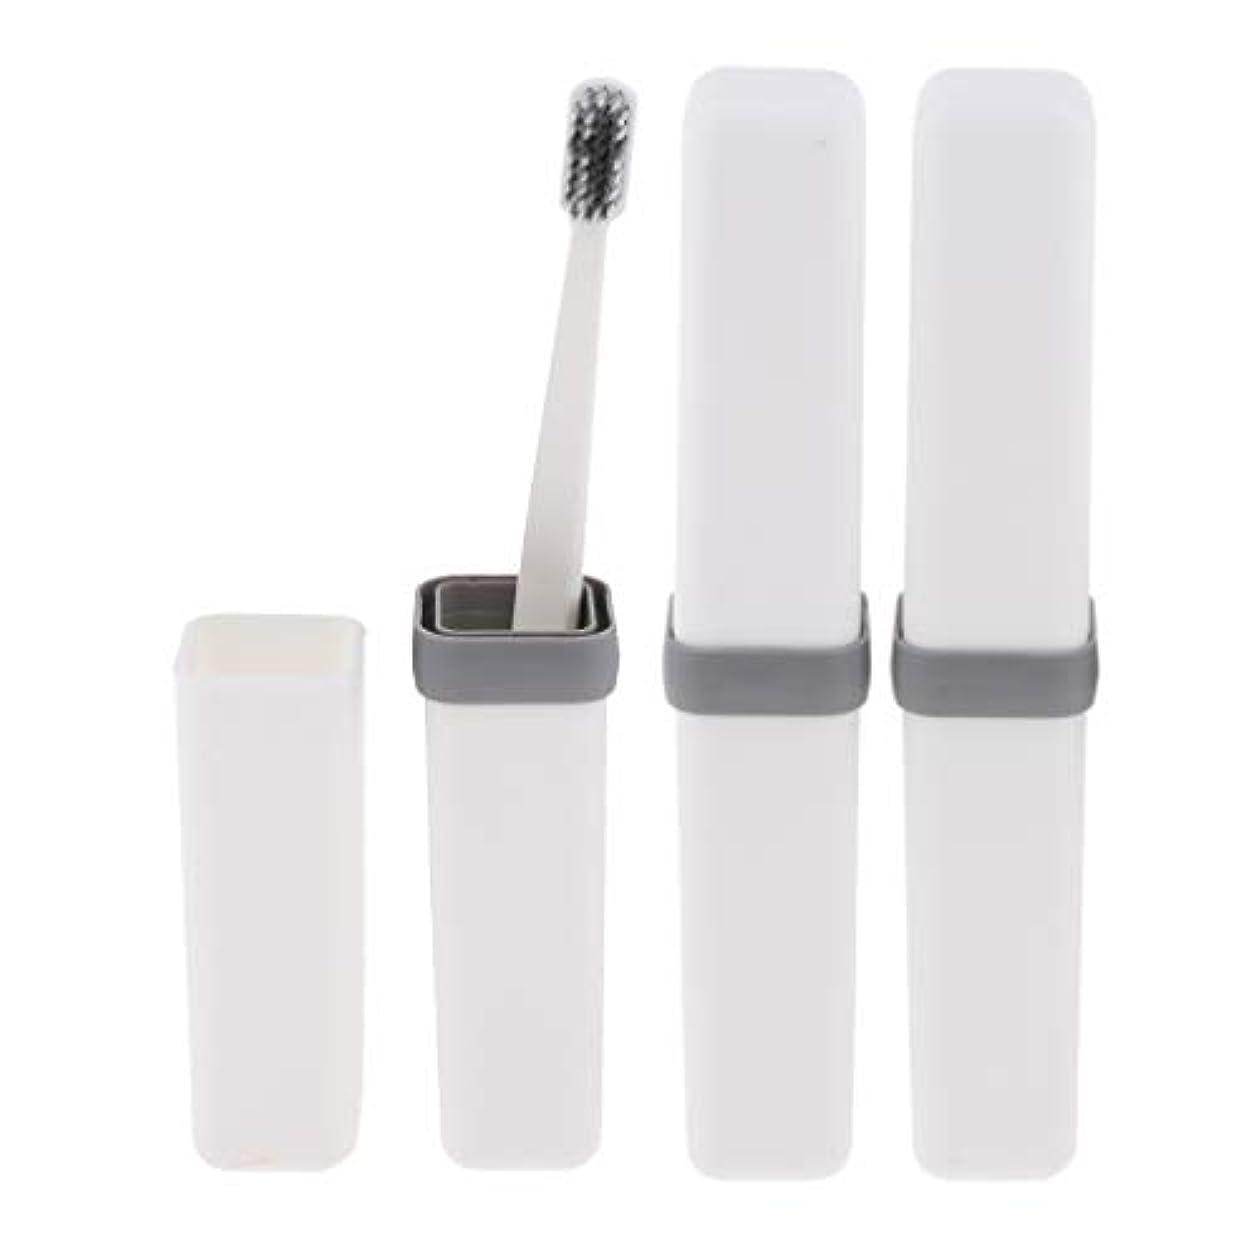 ストライプご近所スノーケル歯ブラシ 歯磨き 歯清潔 収納ボックス付 旅行 キャンプ 学校 軽量 携帯 実用的 3個 全4色 - 白